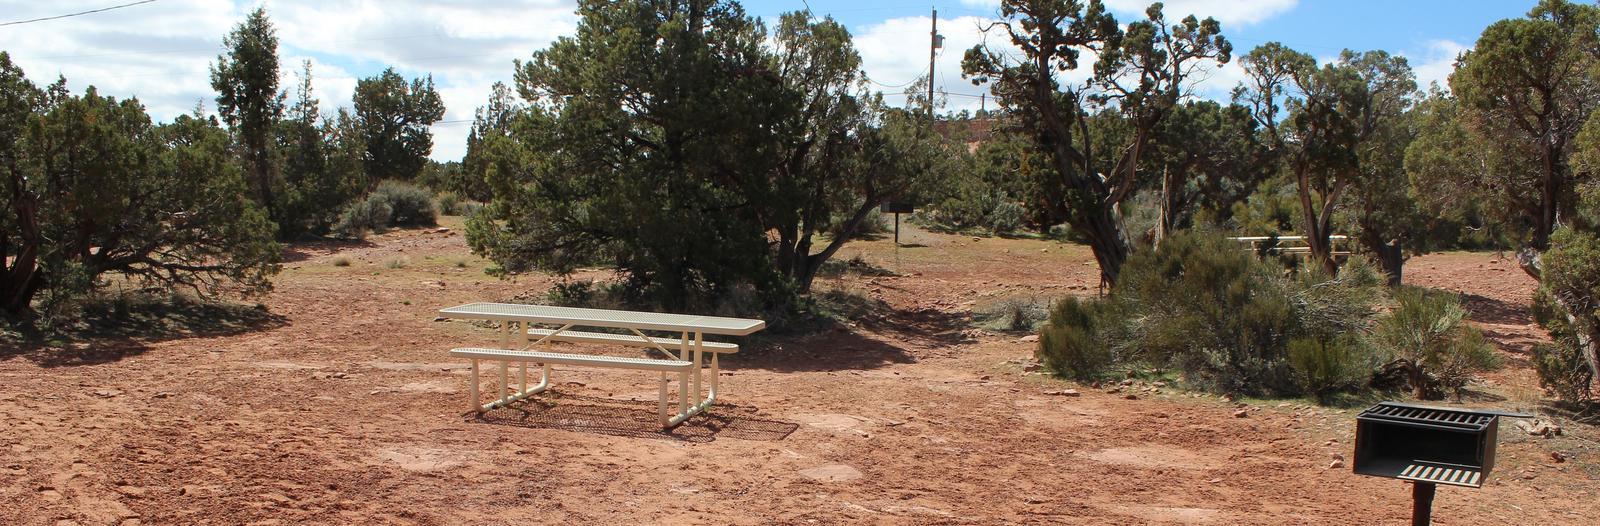 Loop B Site 44